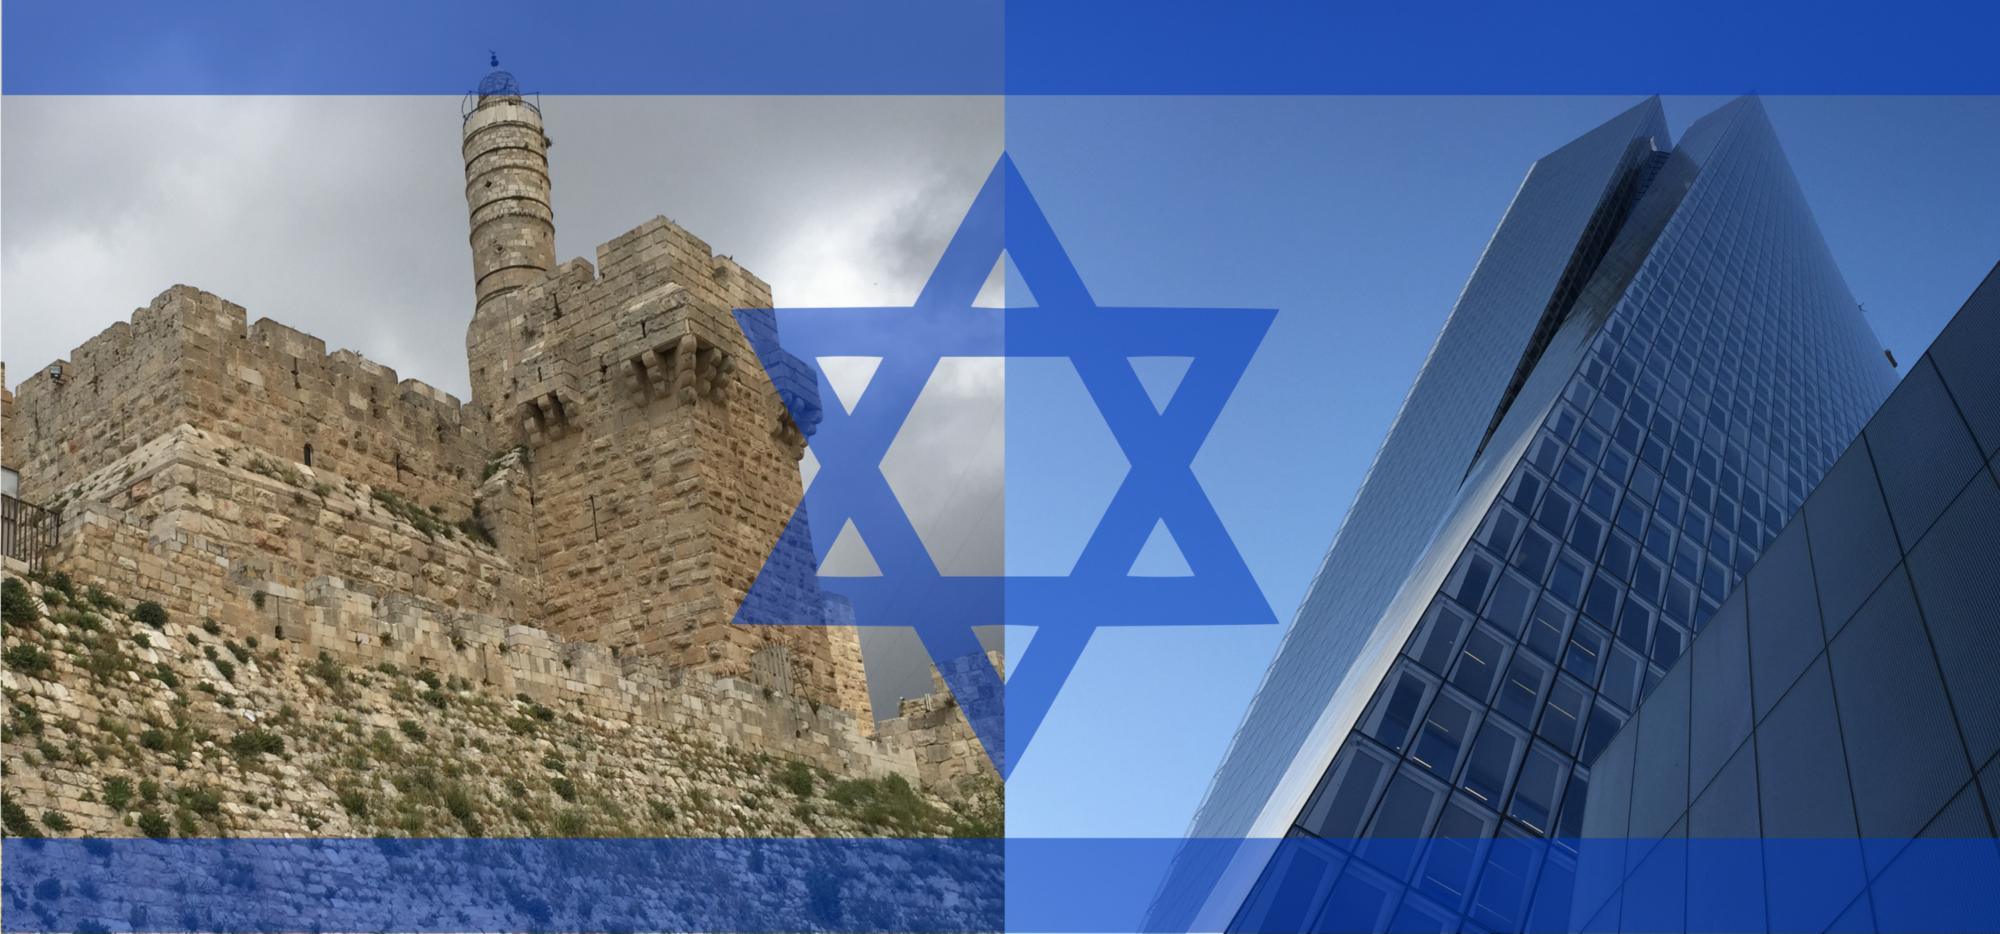 Israel a inovação inovadora